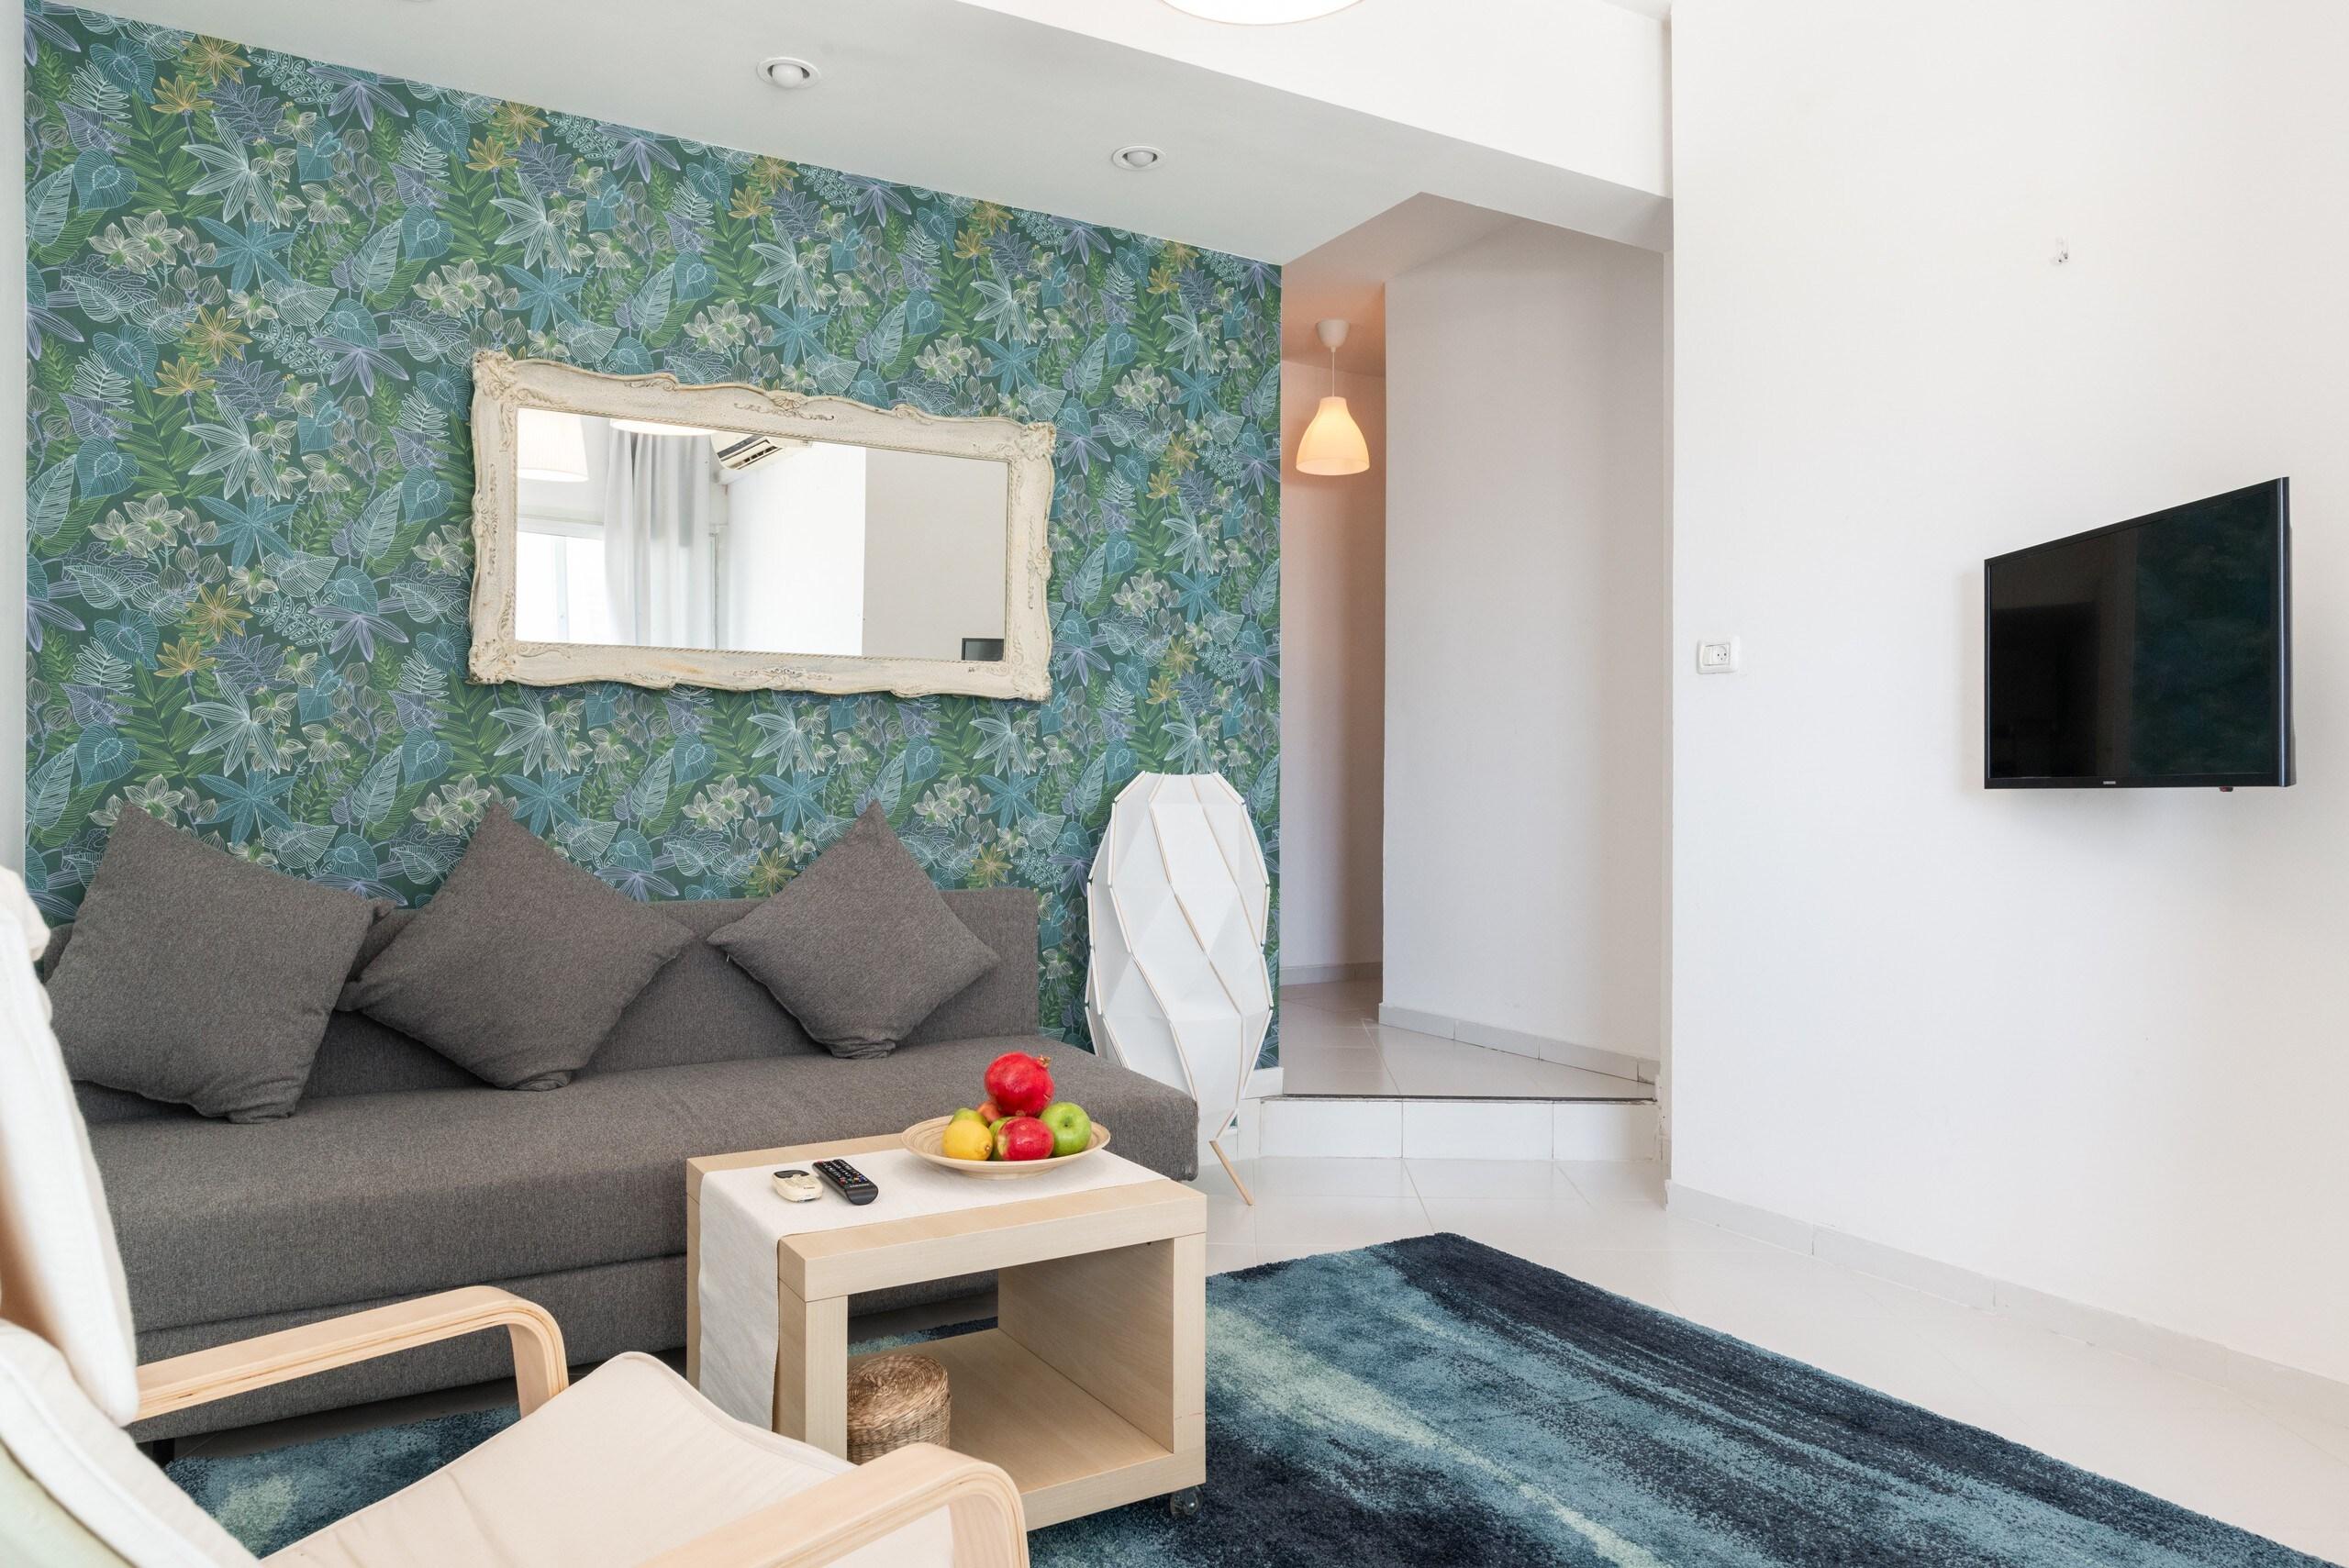 Sea View 2 bedroom apartment next to Hilton beach photo 21105481